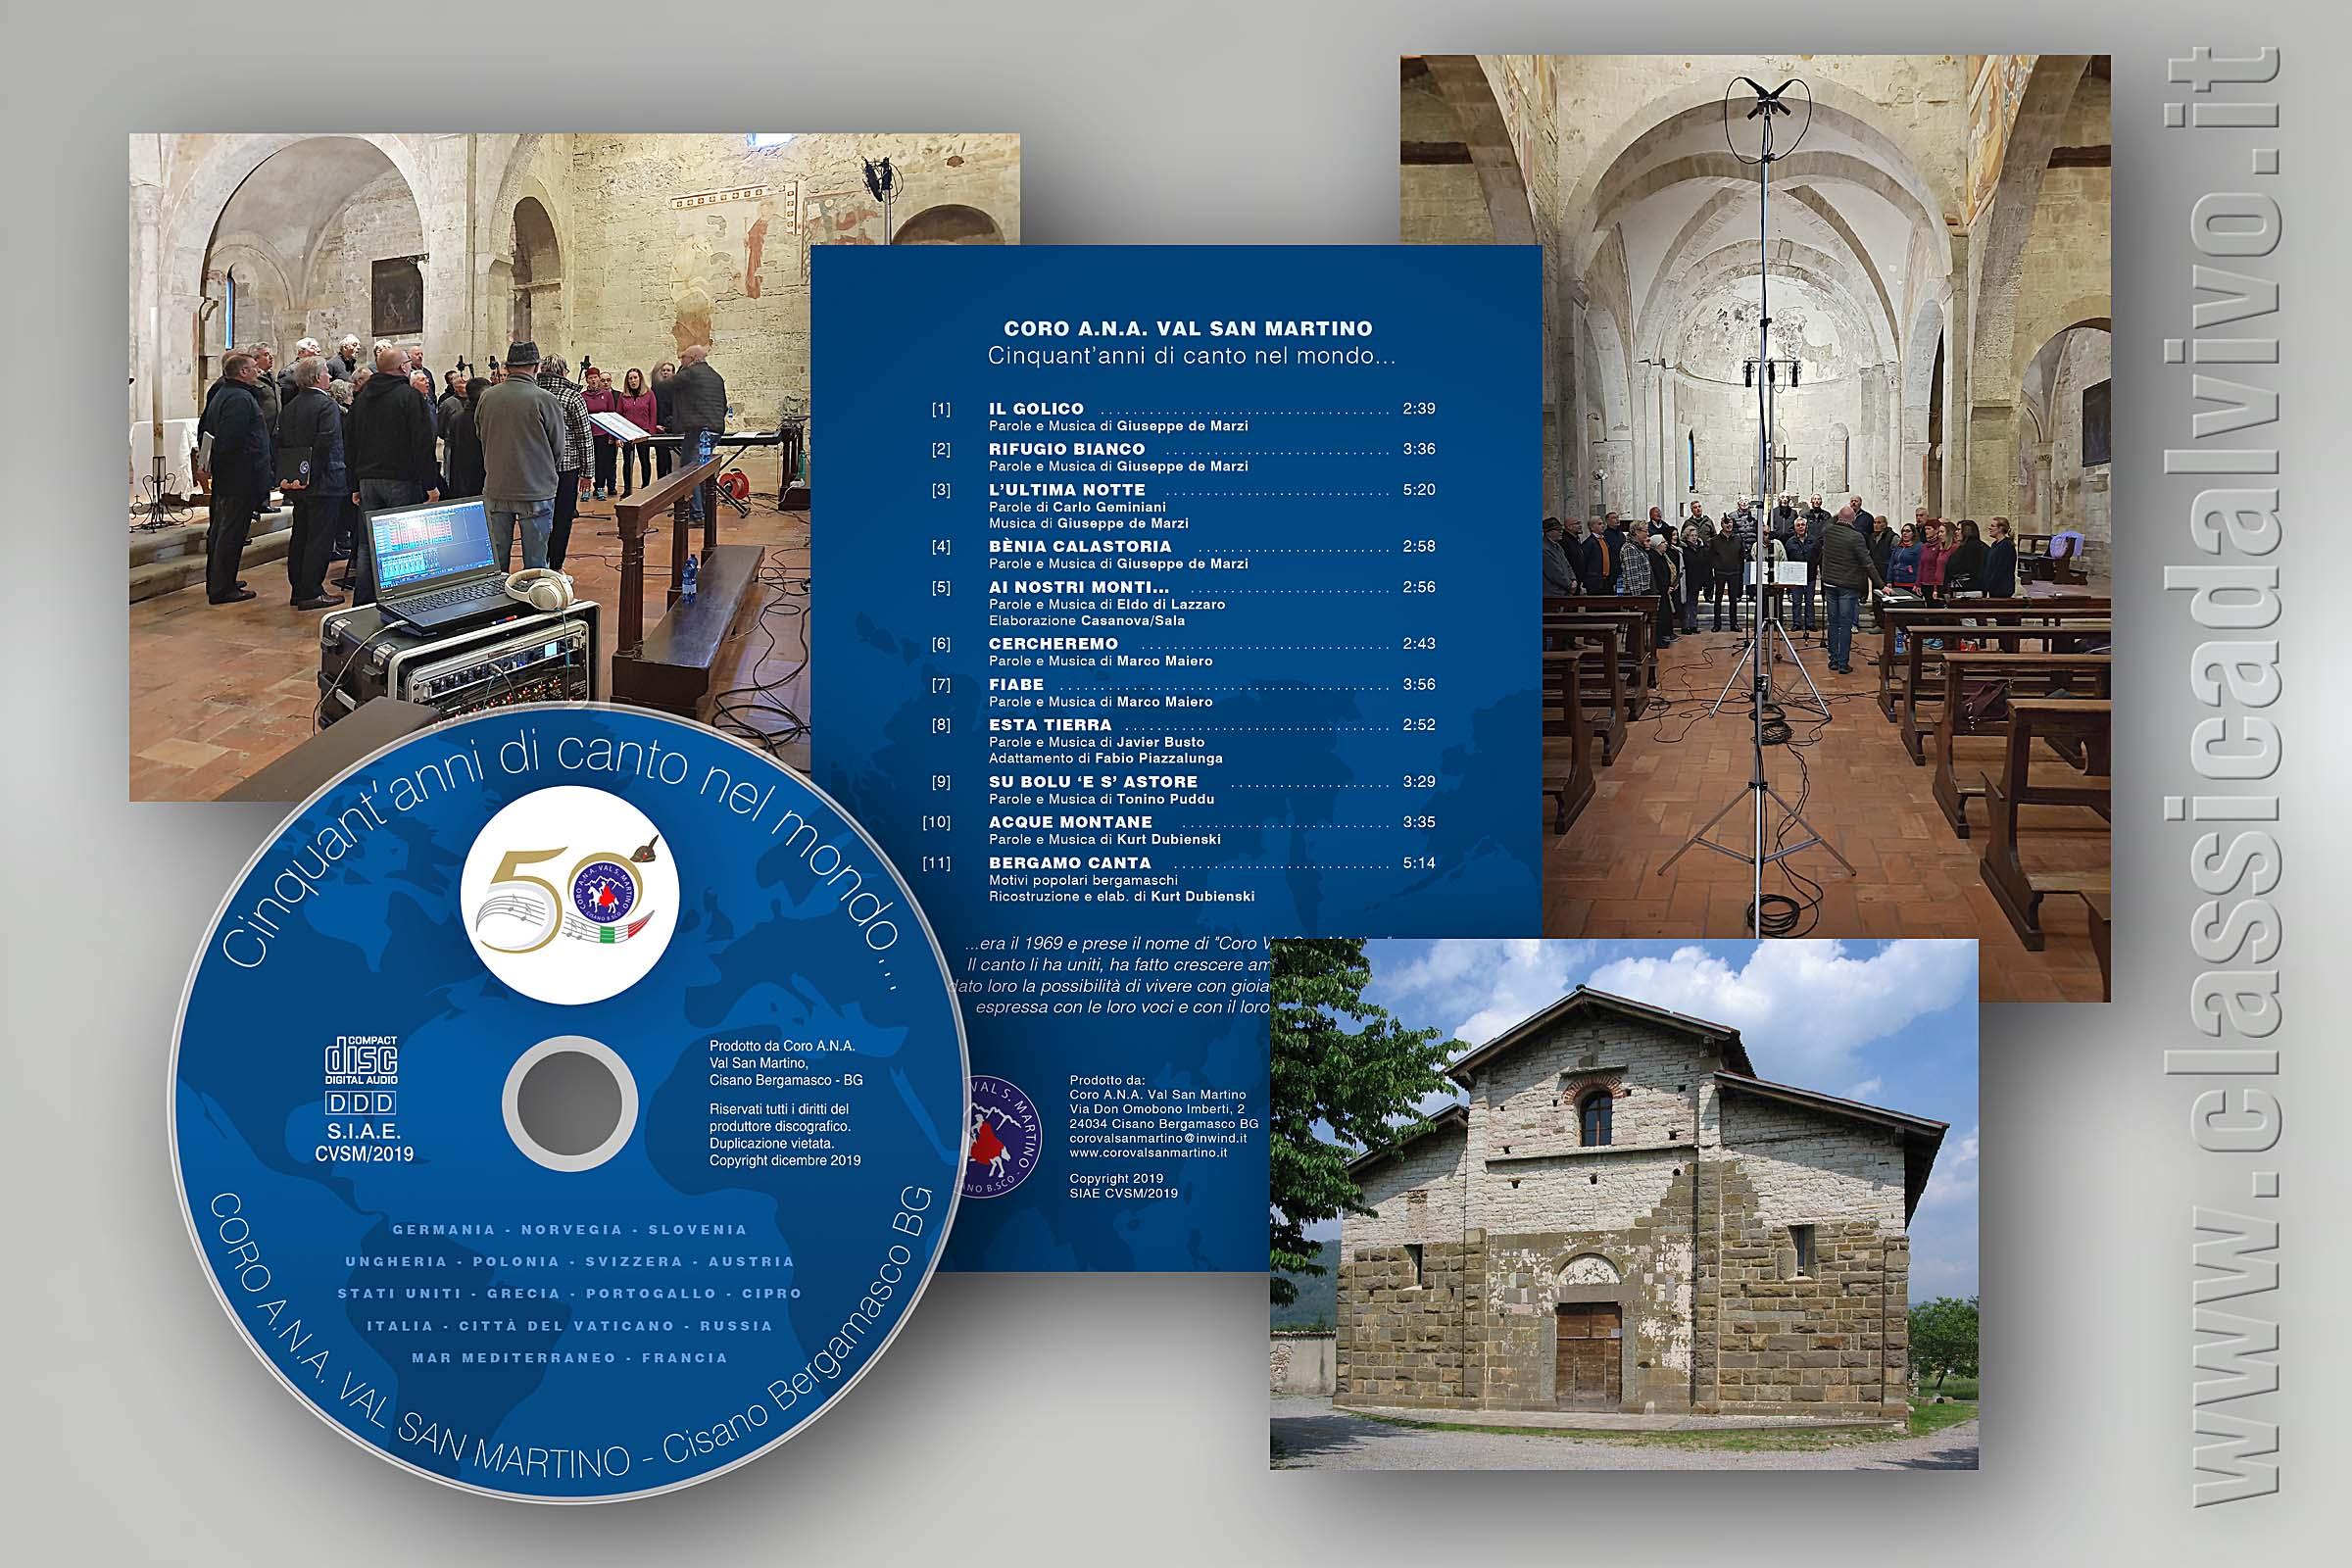 Coro Val San Martino: 50 anni di canto nel mondo